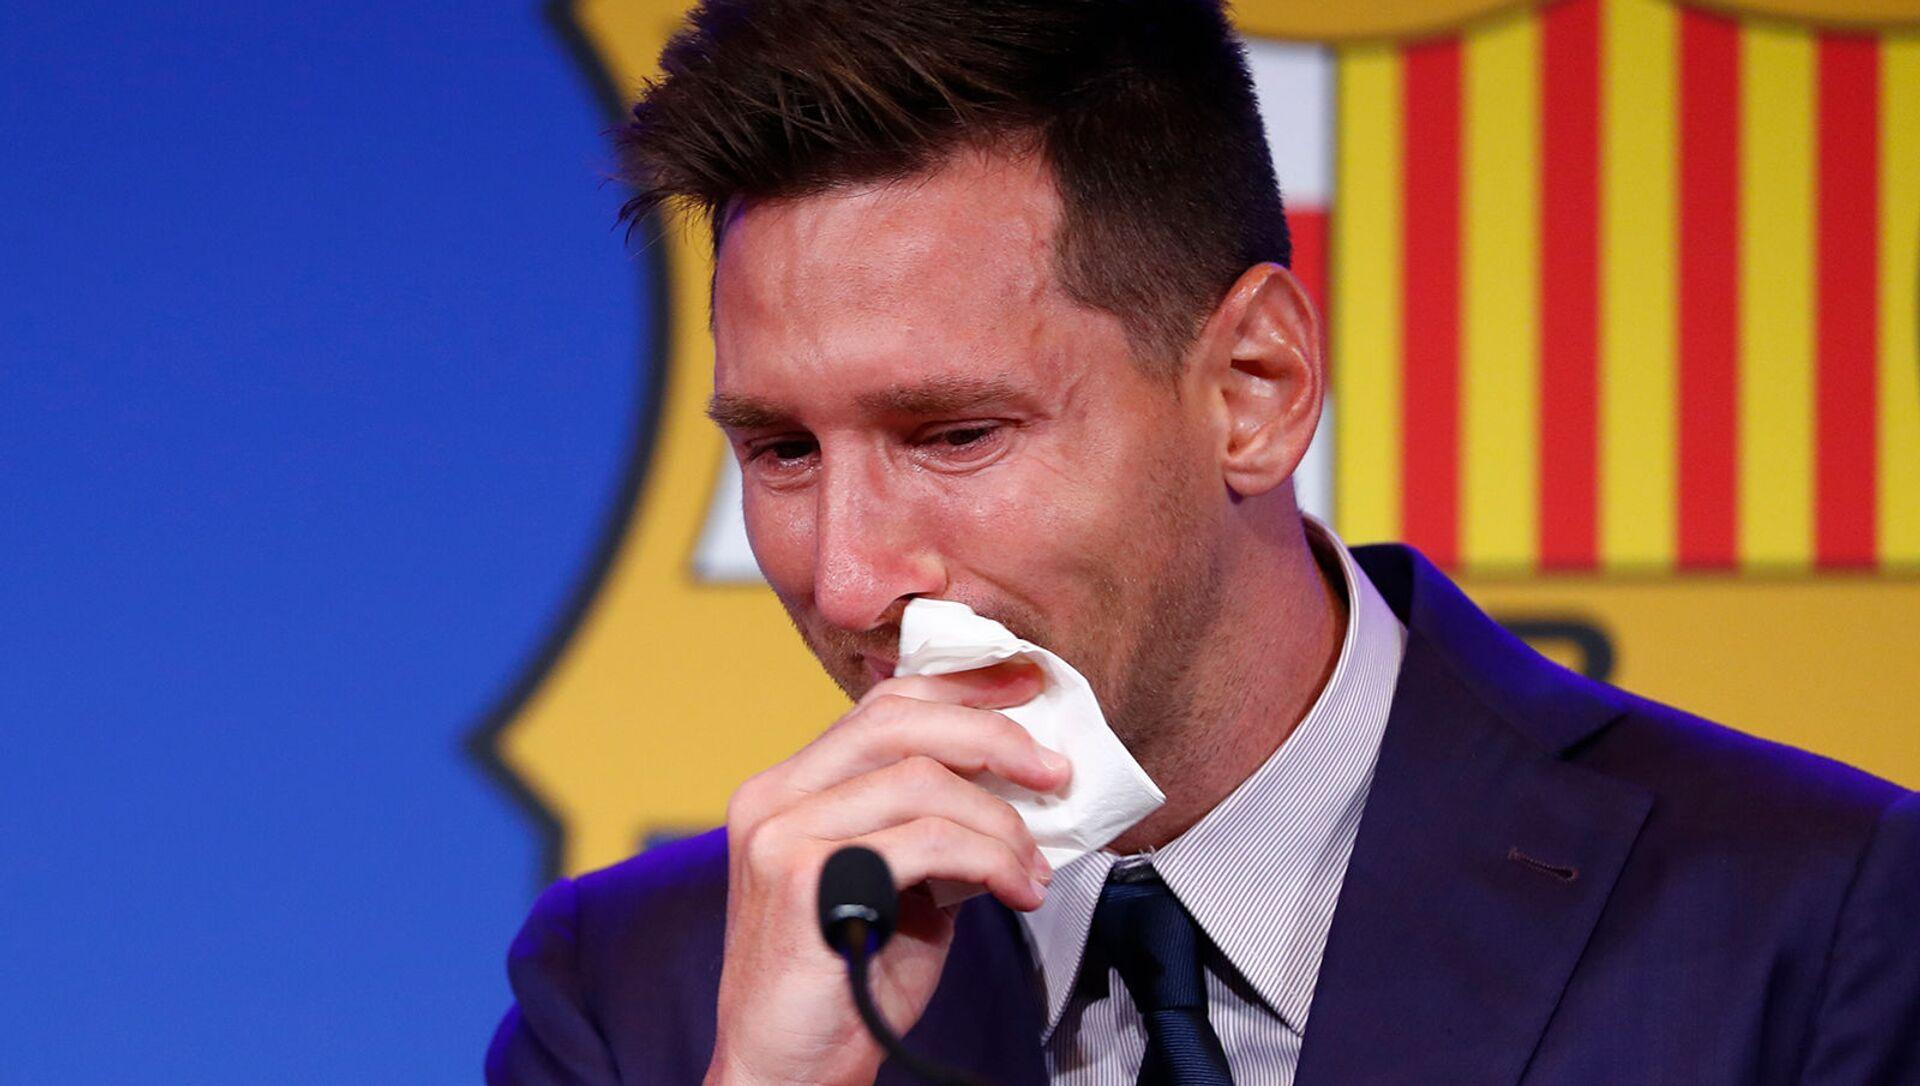 Лионель Месси на пресс-конференции на стадионе Камп Ноу (8 августа 2021). Барселона - Sputnik Արմենիա, 1920, 13.08.2021